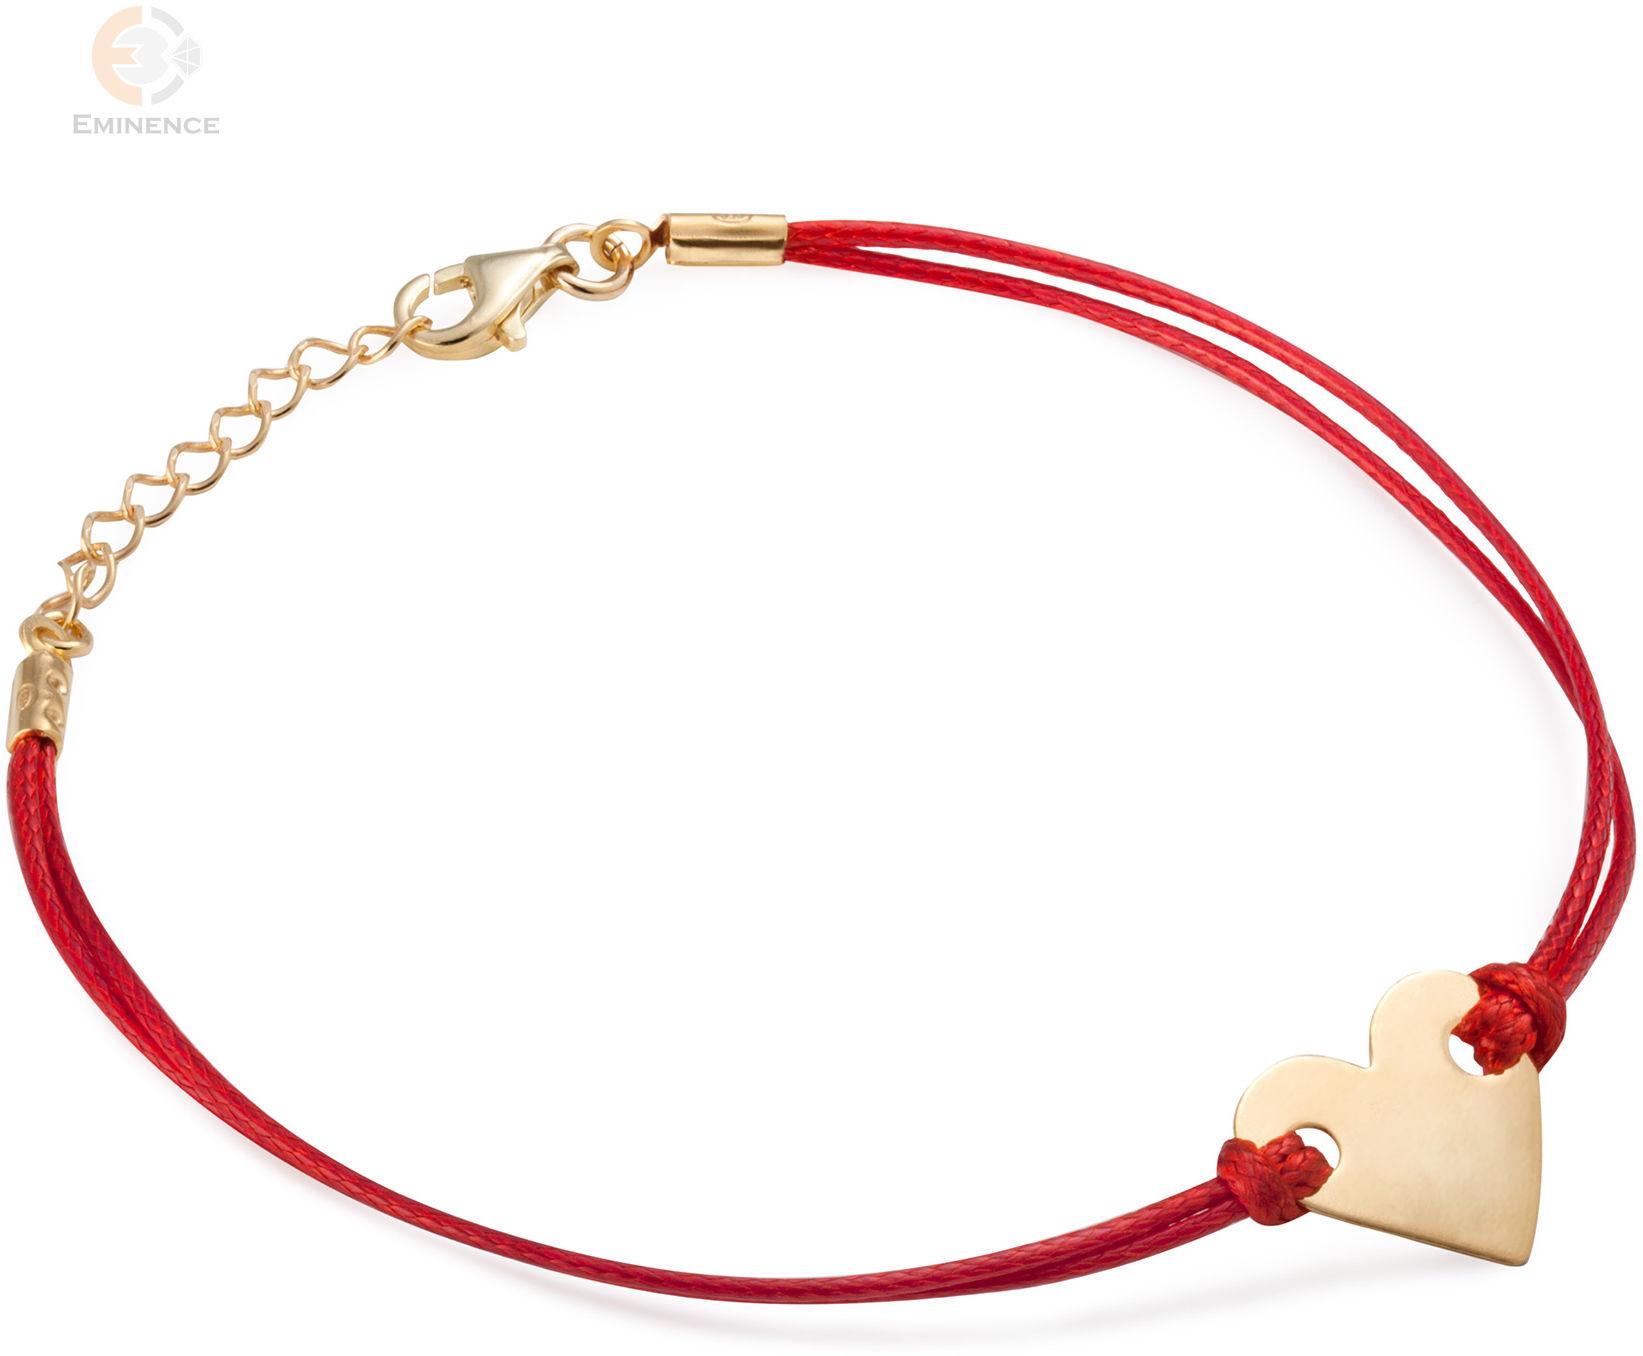 Bransoletka sznurkowa ze srebra pozłacanego blaszka serce